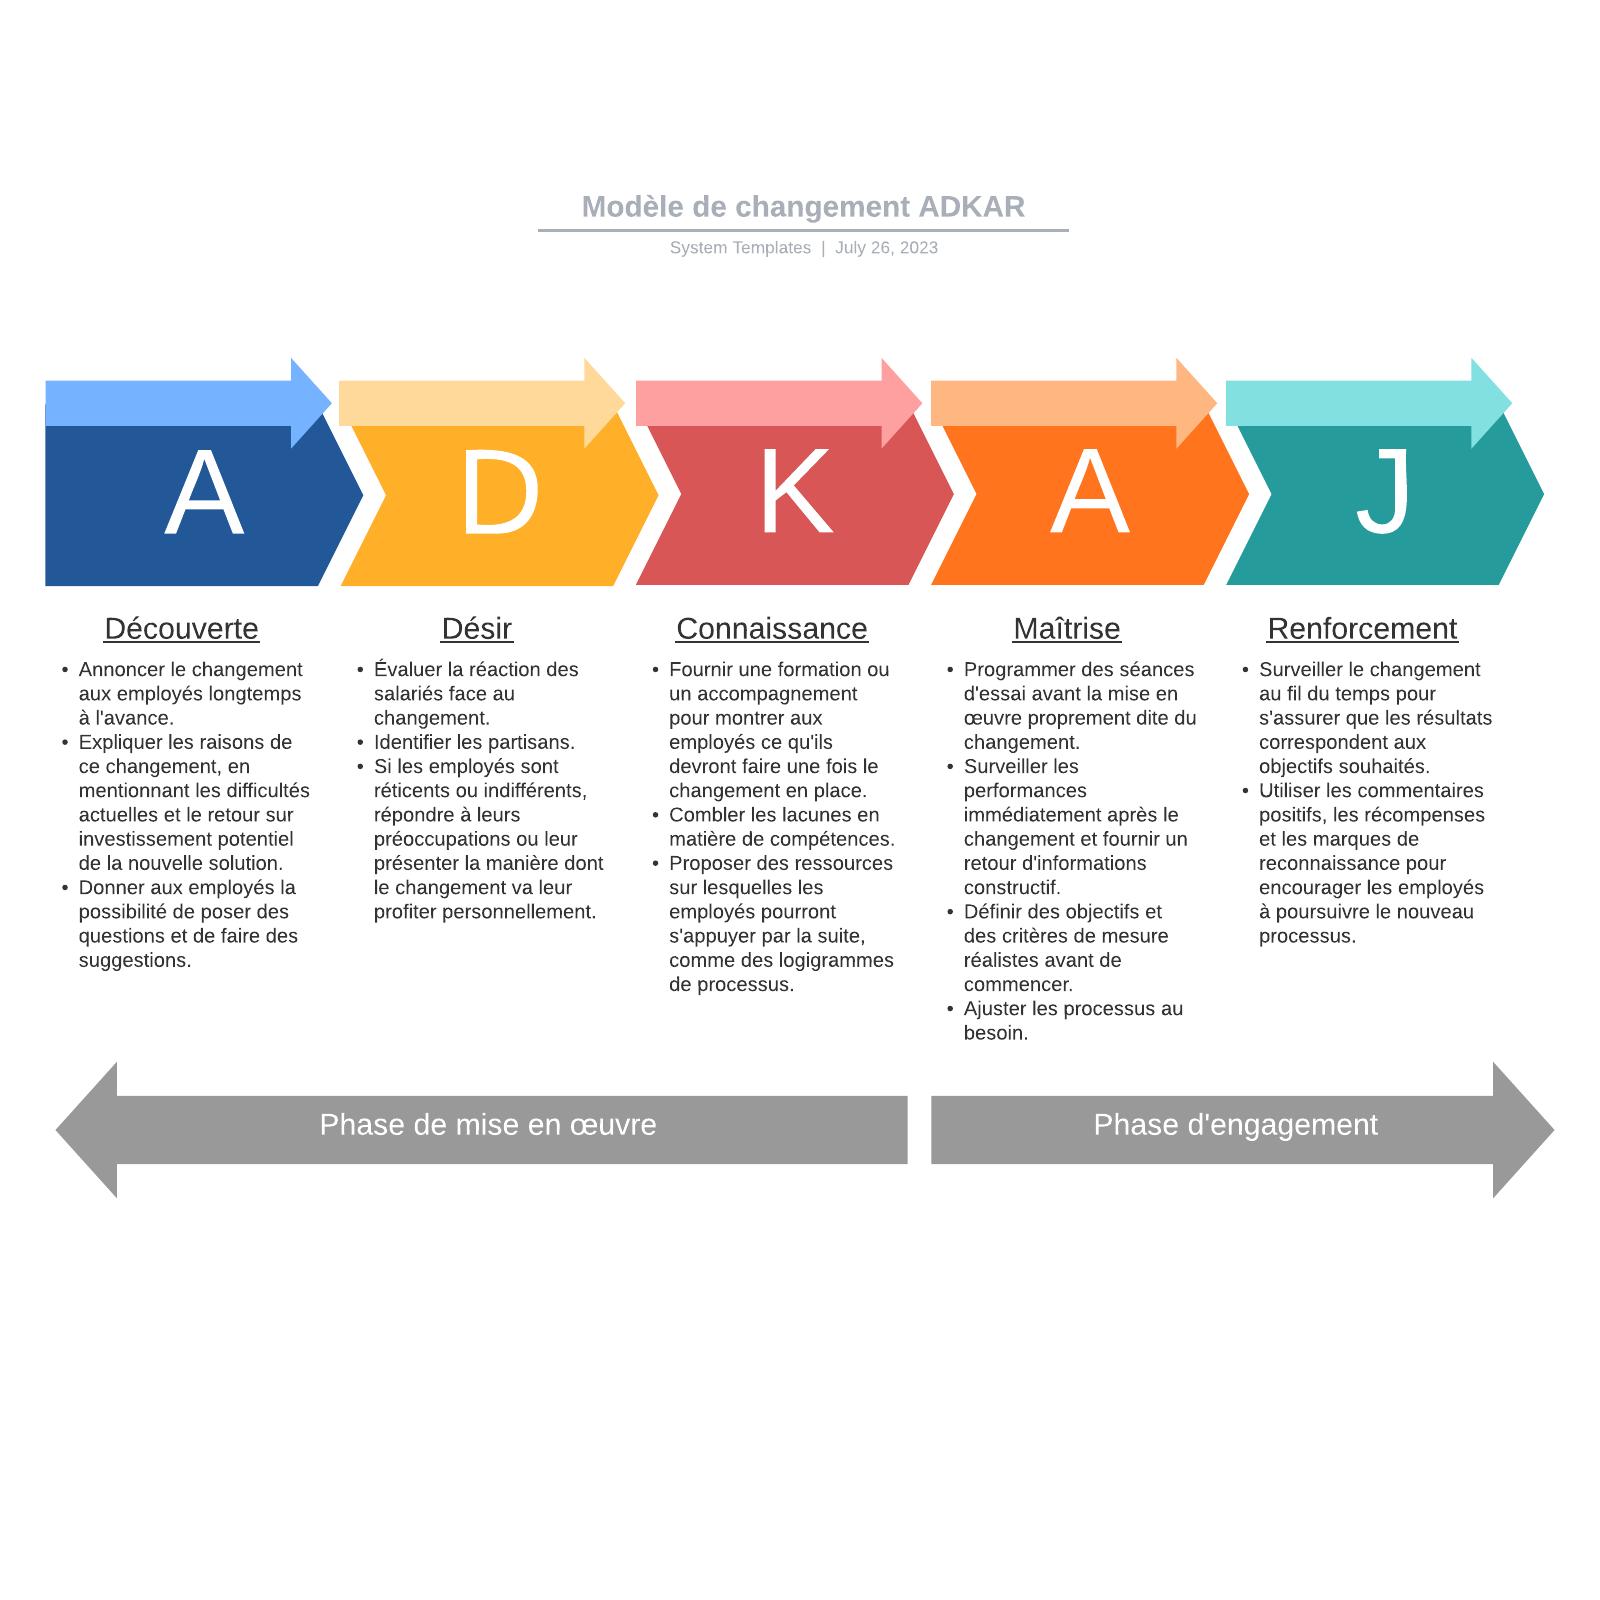 exemple de modèle de changement ADKAR